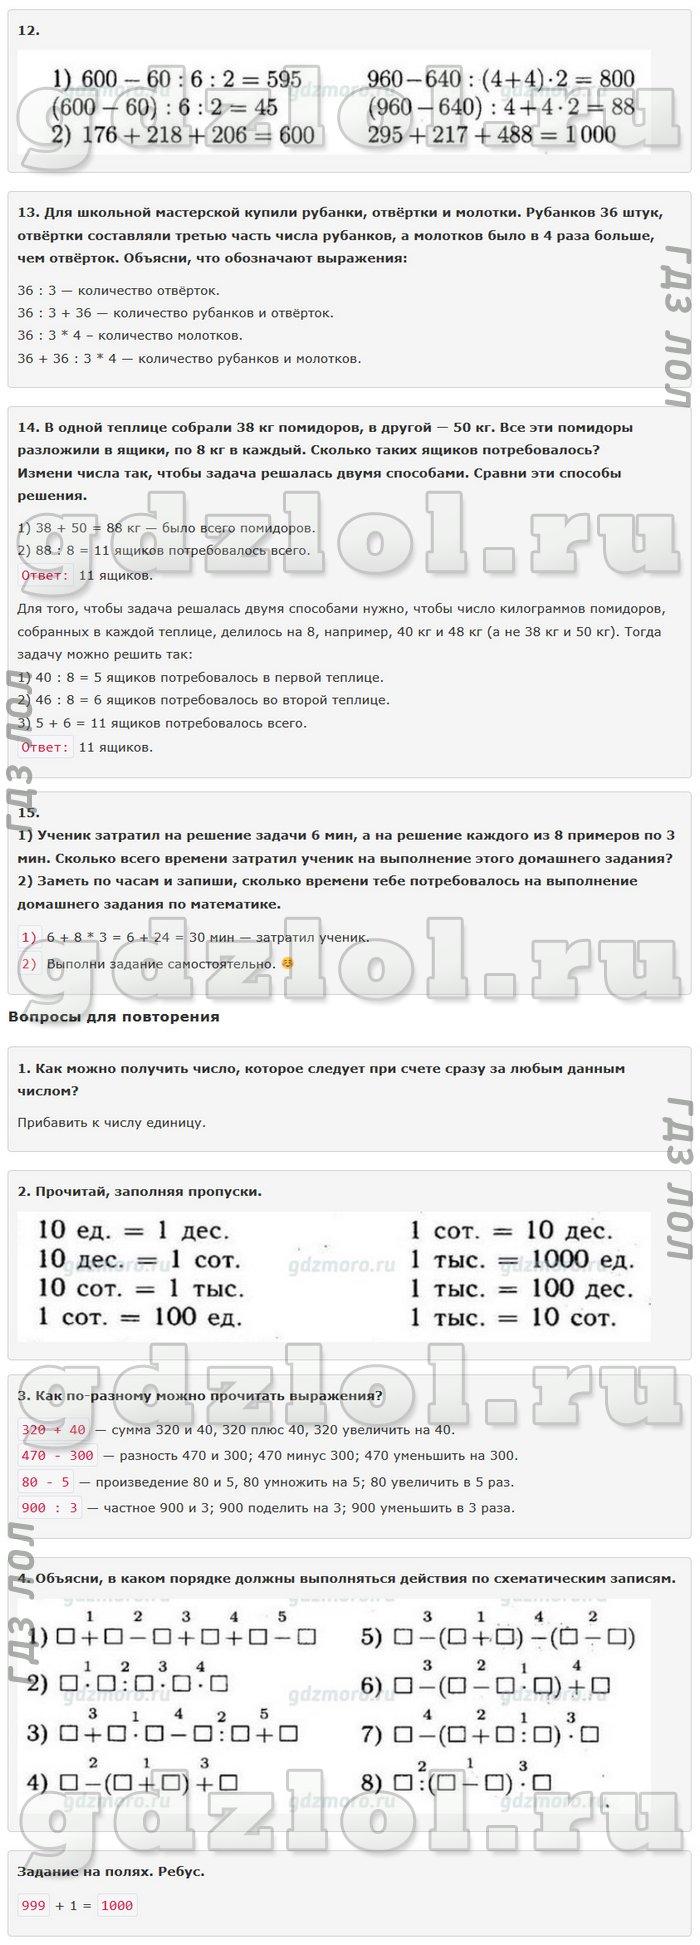 ГДЗ по русскому языку 4 класс  ответы и решебник онлайн